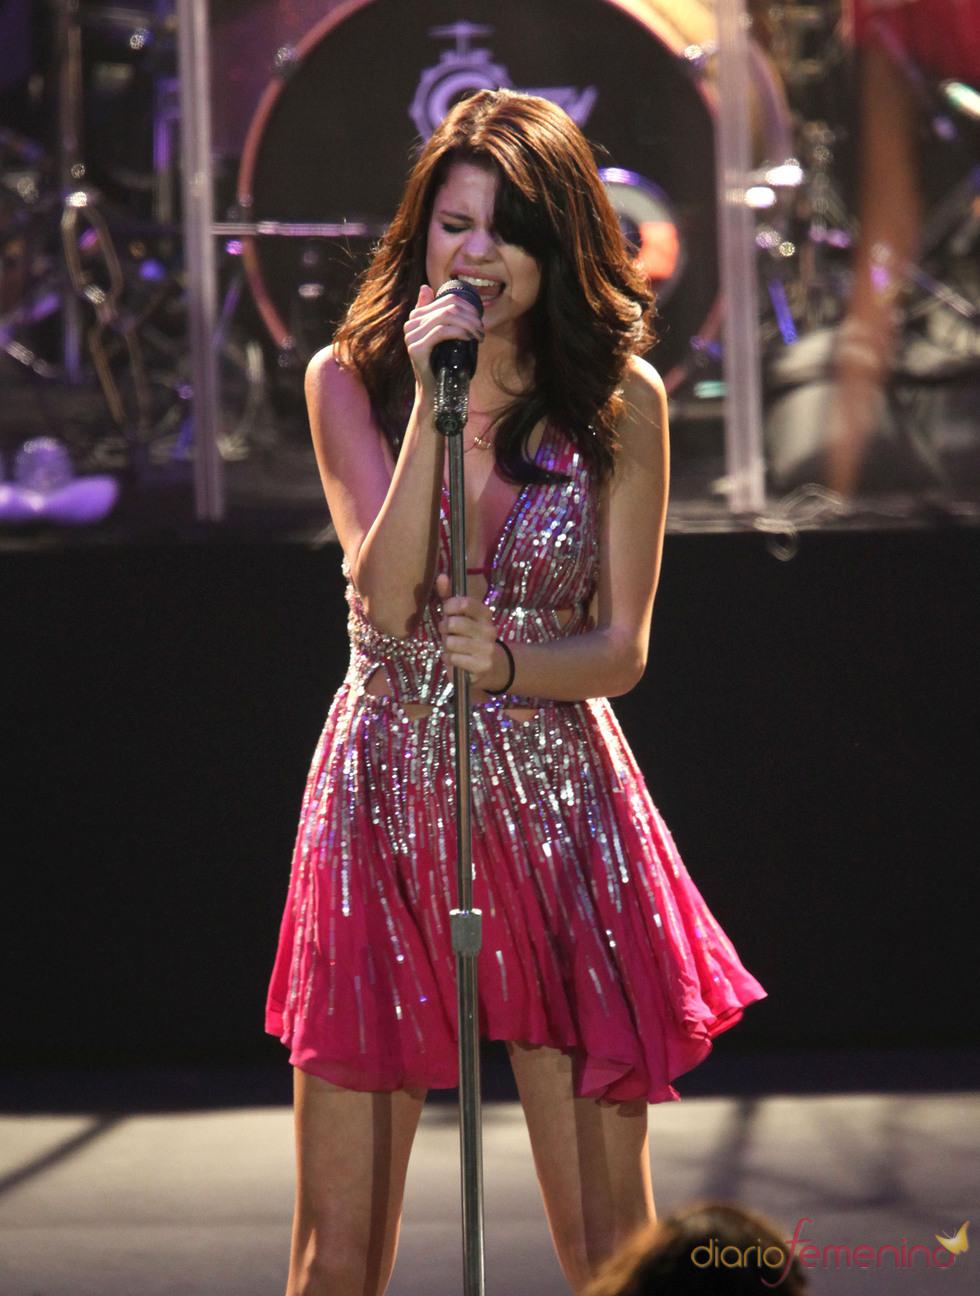 Justin Bieber sorprende a Selena Gomez en su concierto de Costa Mesa, California